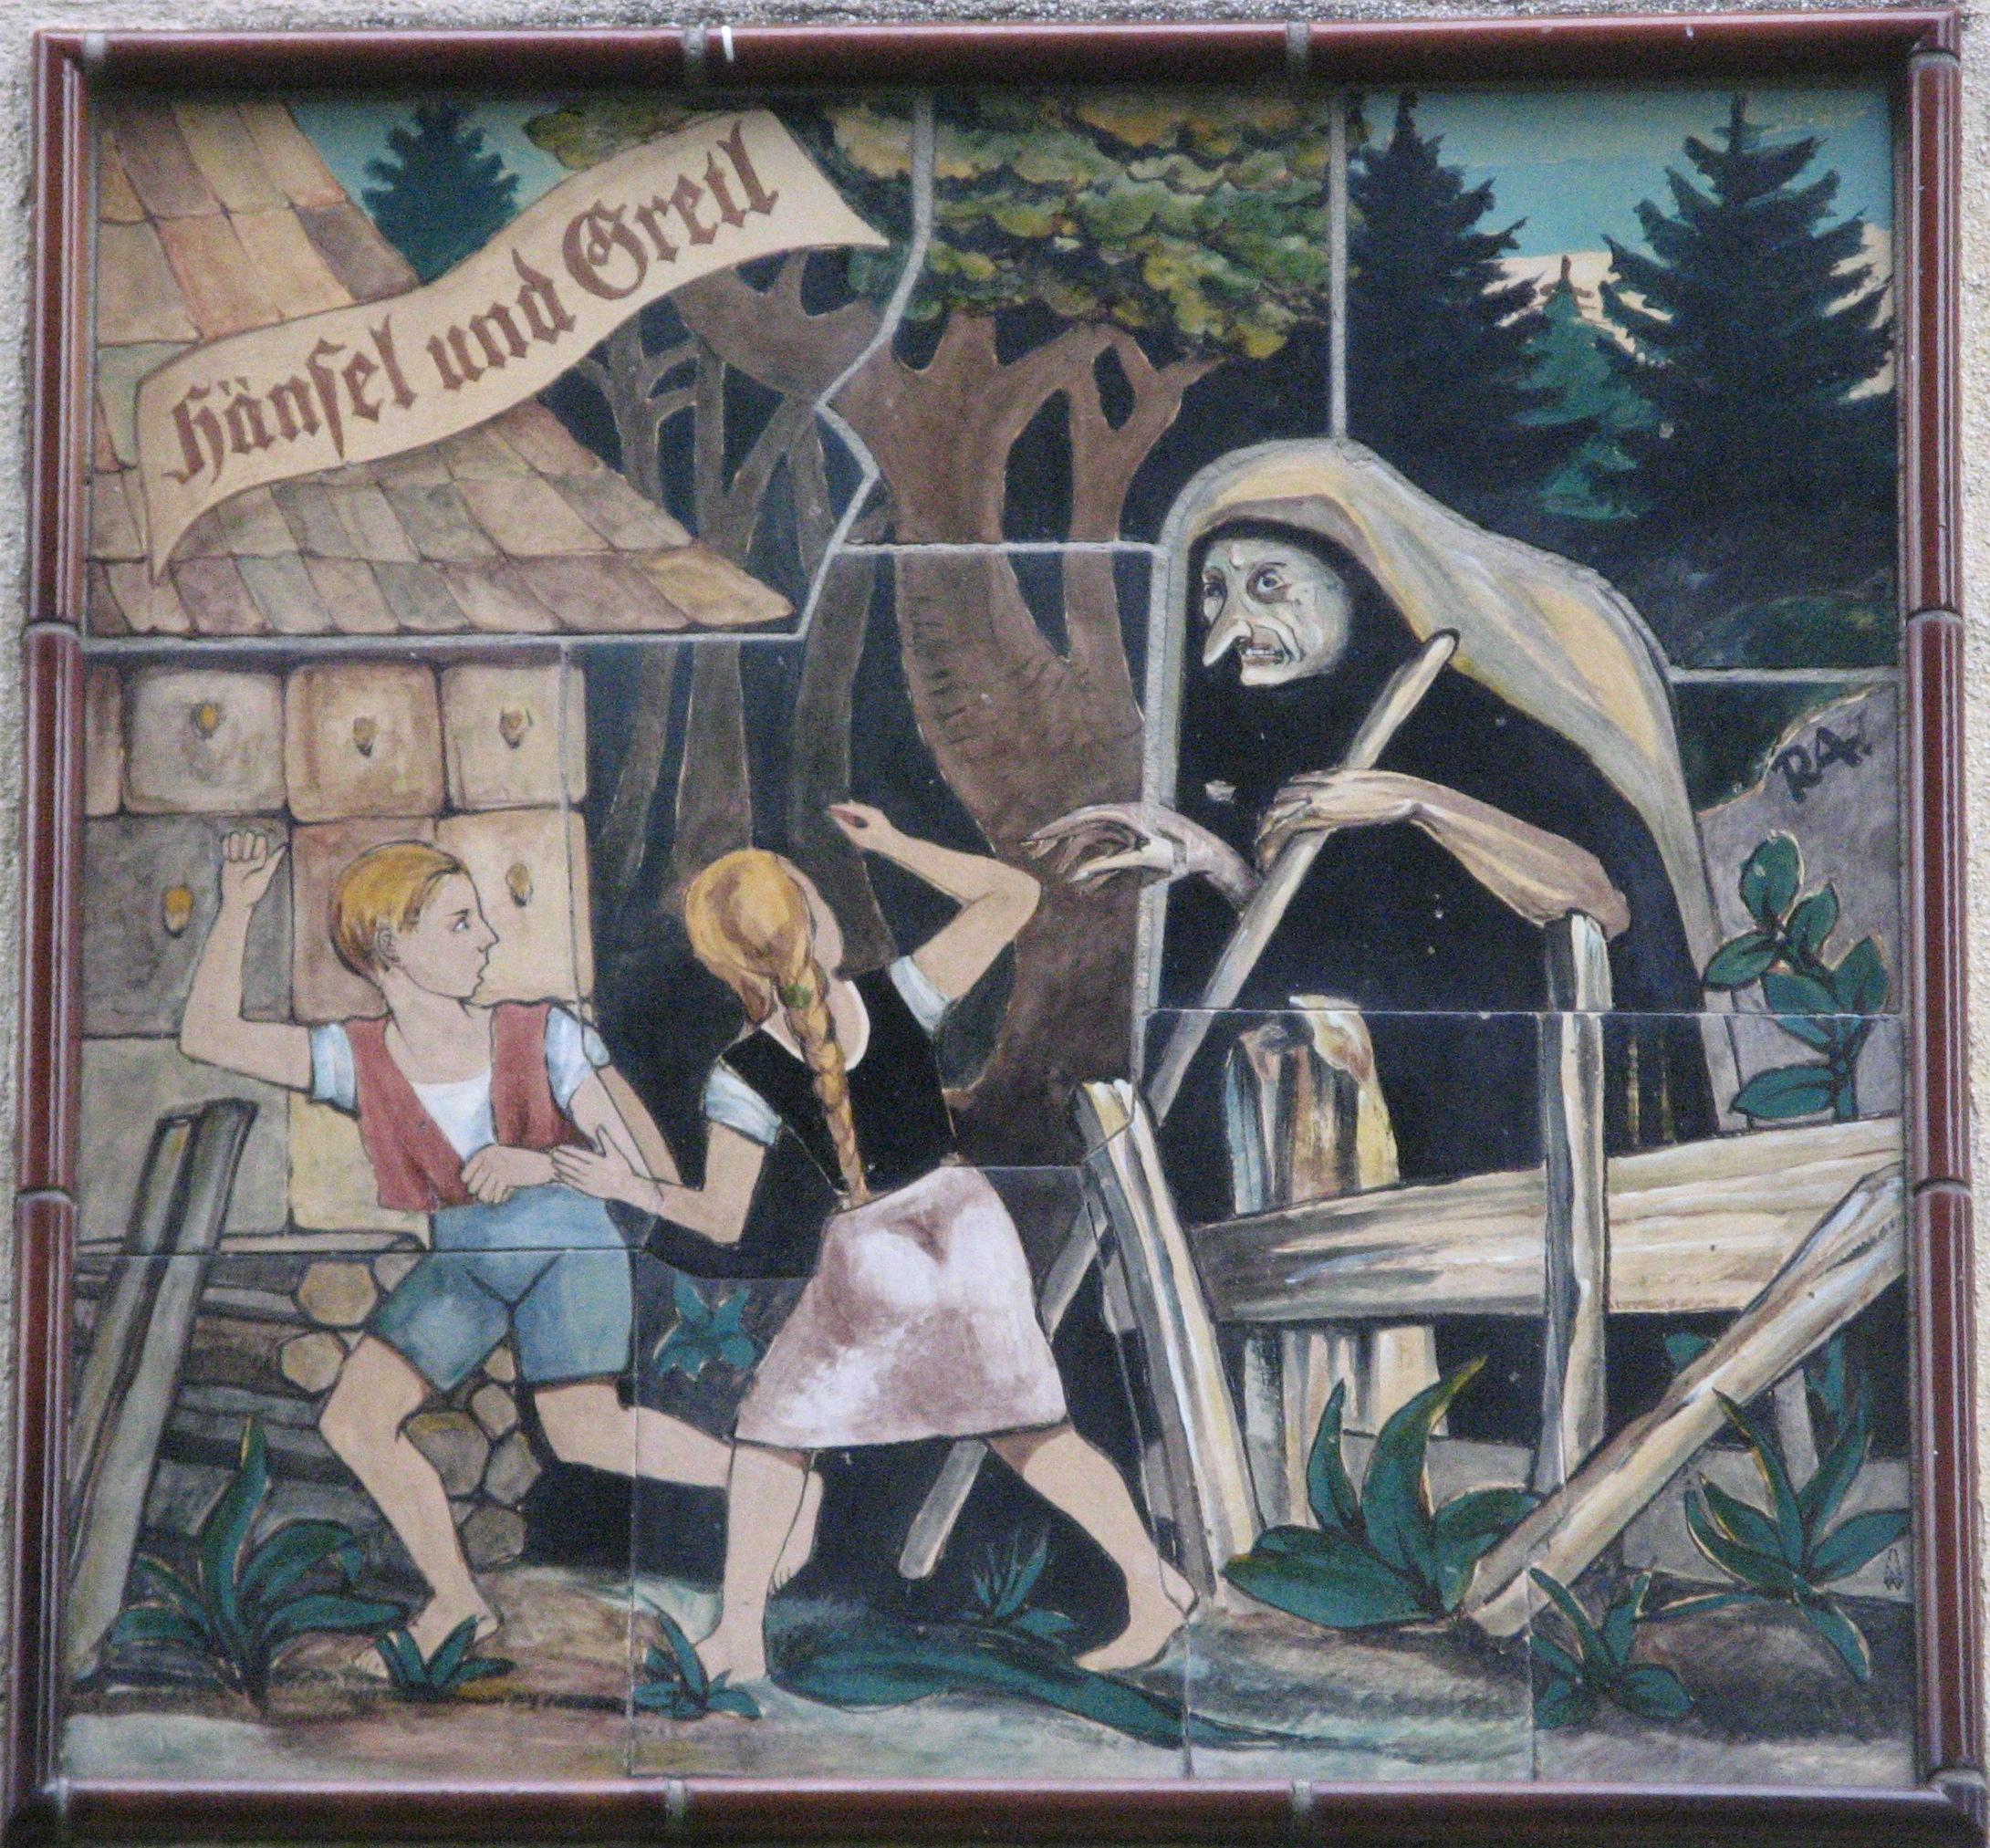 Hänsel und Gretel (um 1940), Johann-Mithlinger-Siedlung, Raxstraße 7-27, Wien-Favoriten